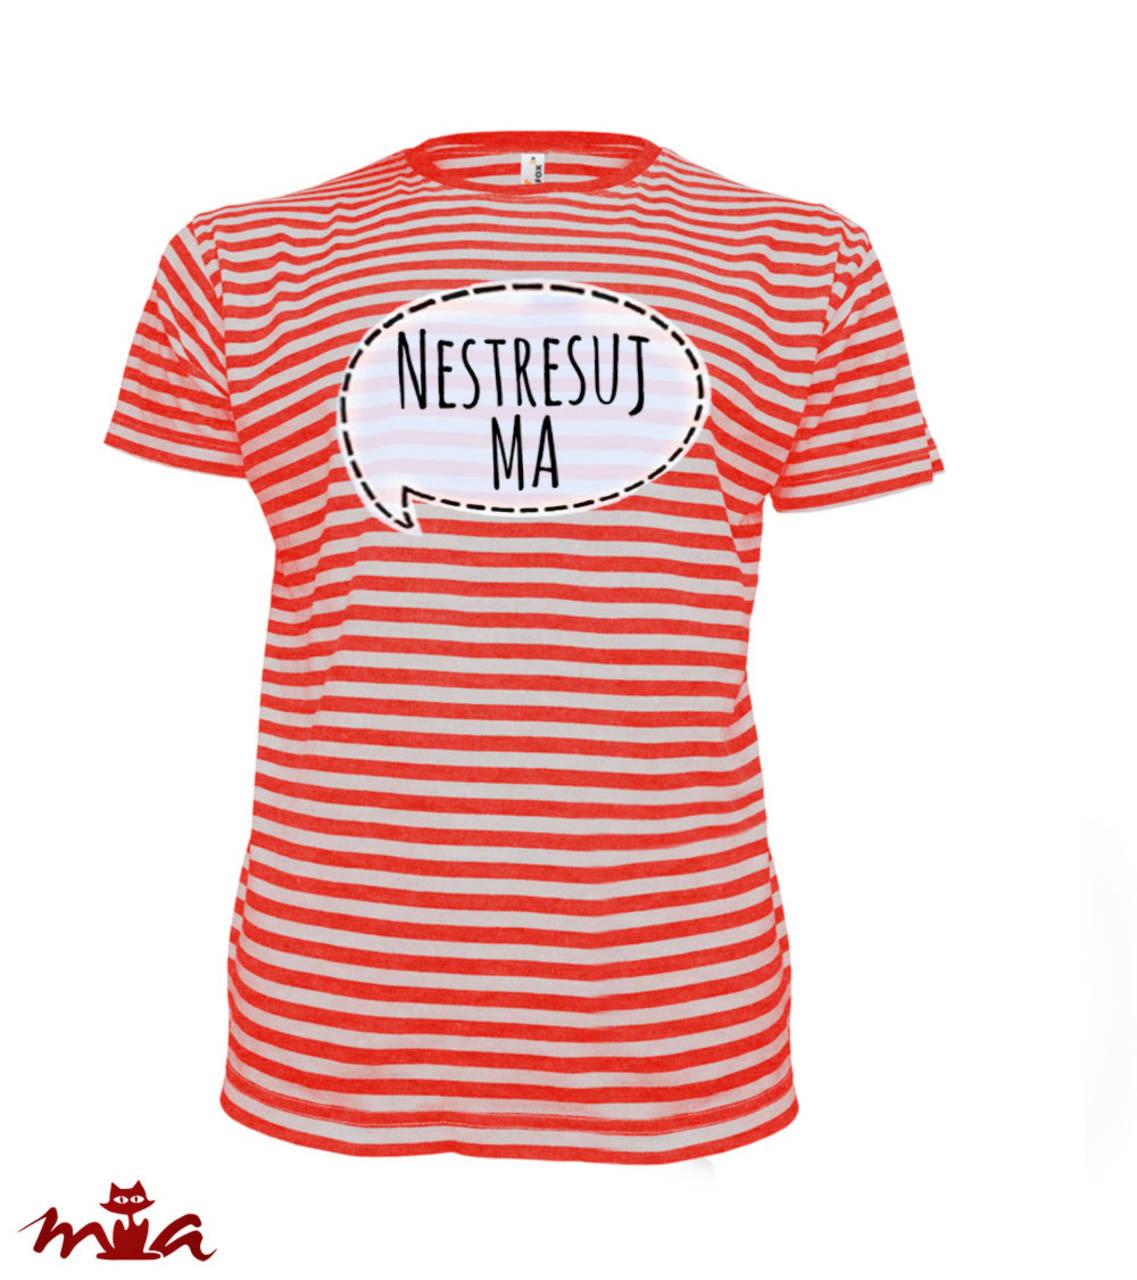 a354f4ff16d Nestresuj ma - pánske   miriammiklasova - SAShE.sk - Handmade Oblečenie